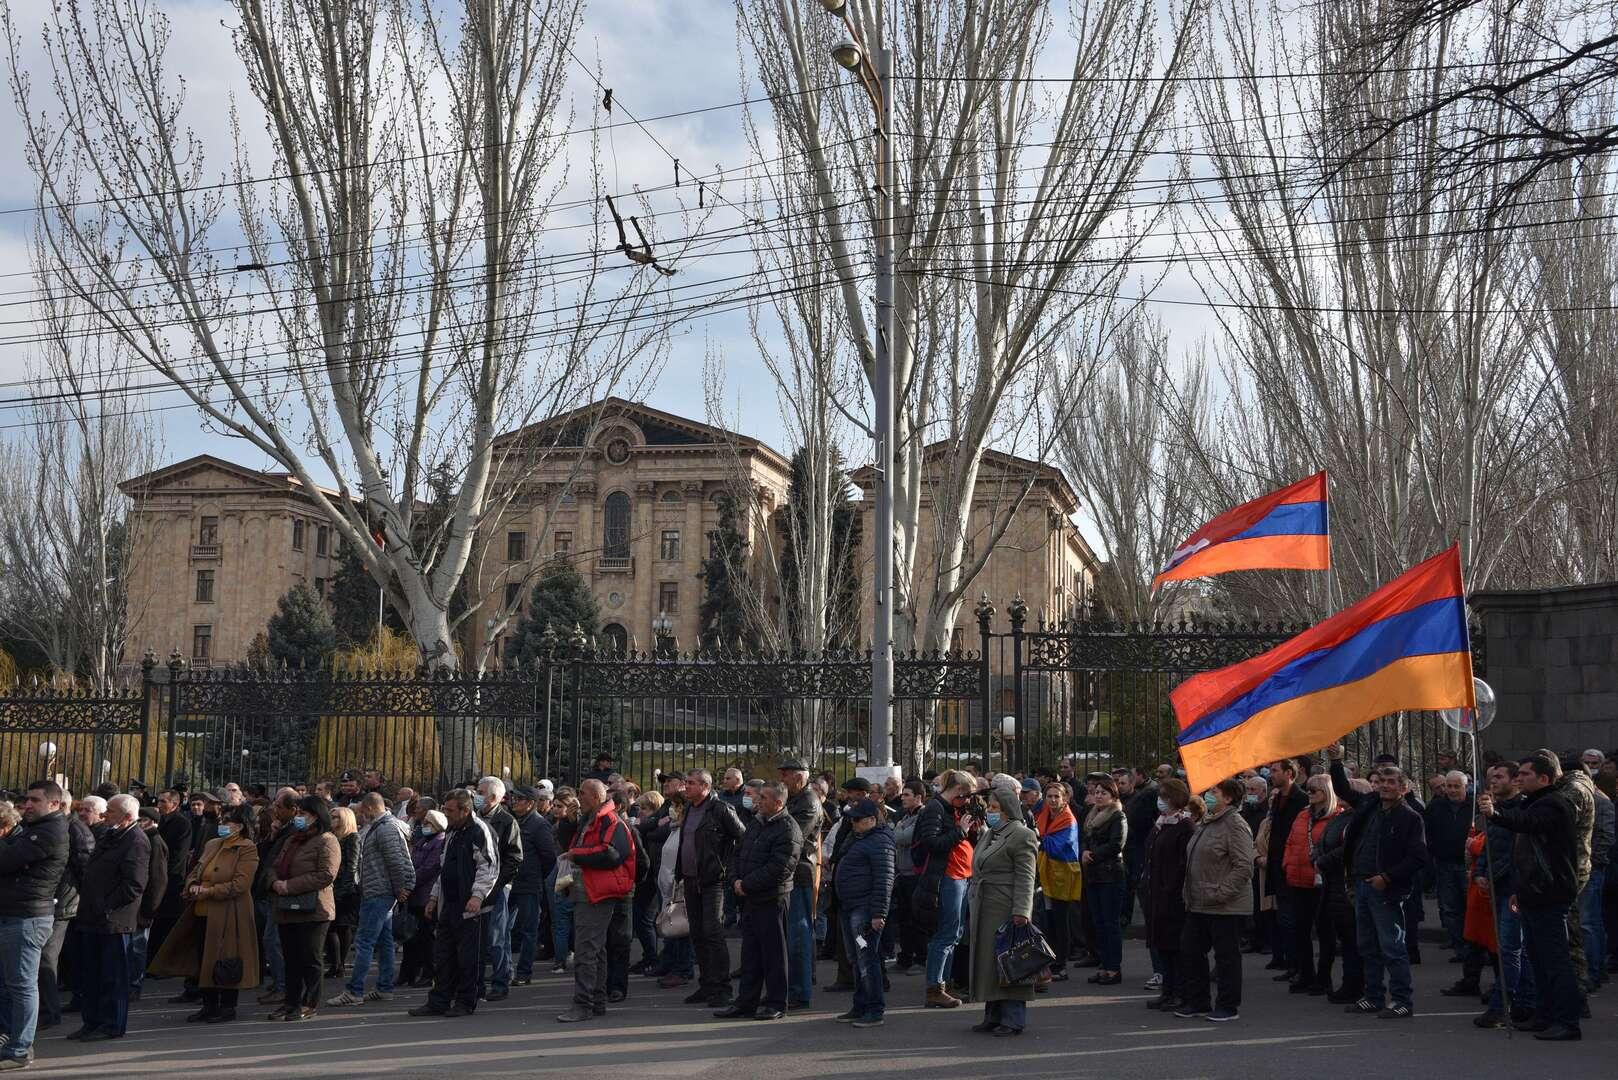 احتجاجات المعارضة أمام البرلمان في أرمينيا